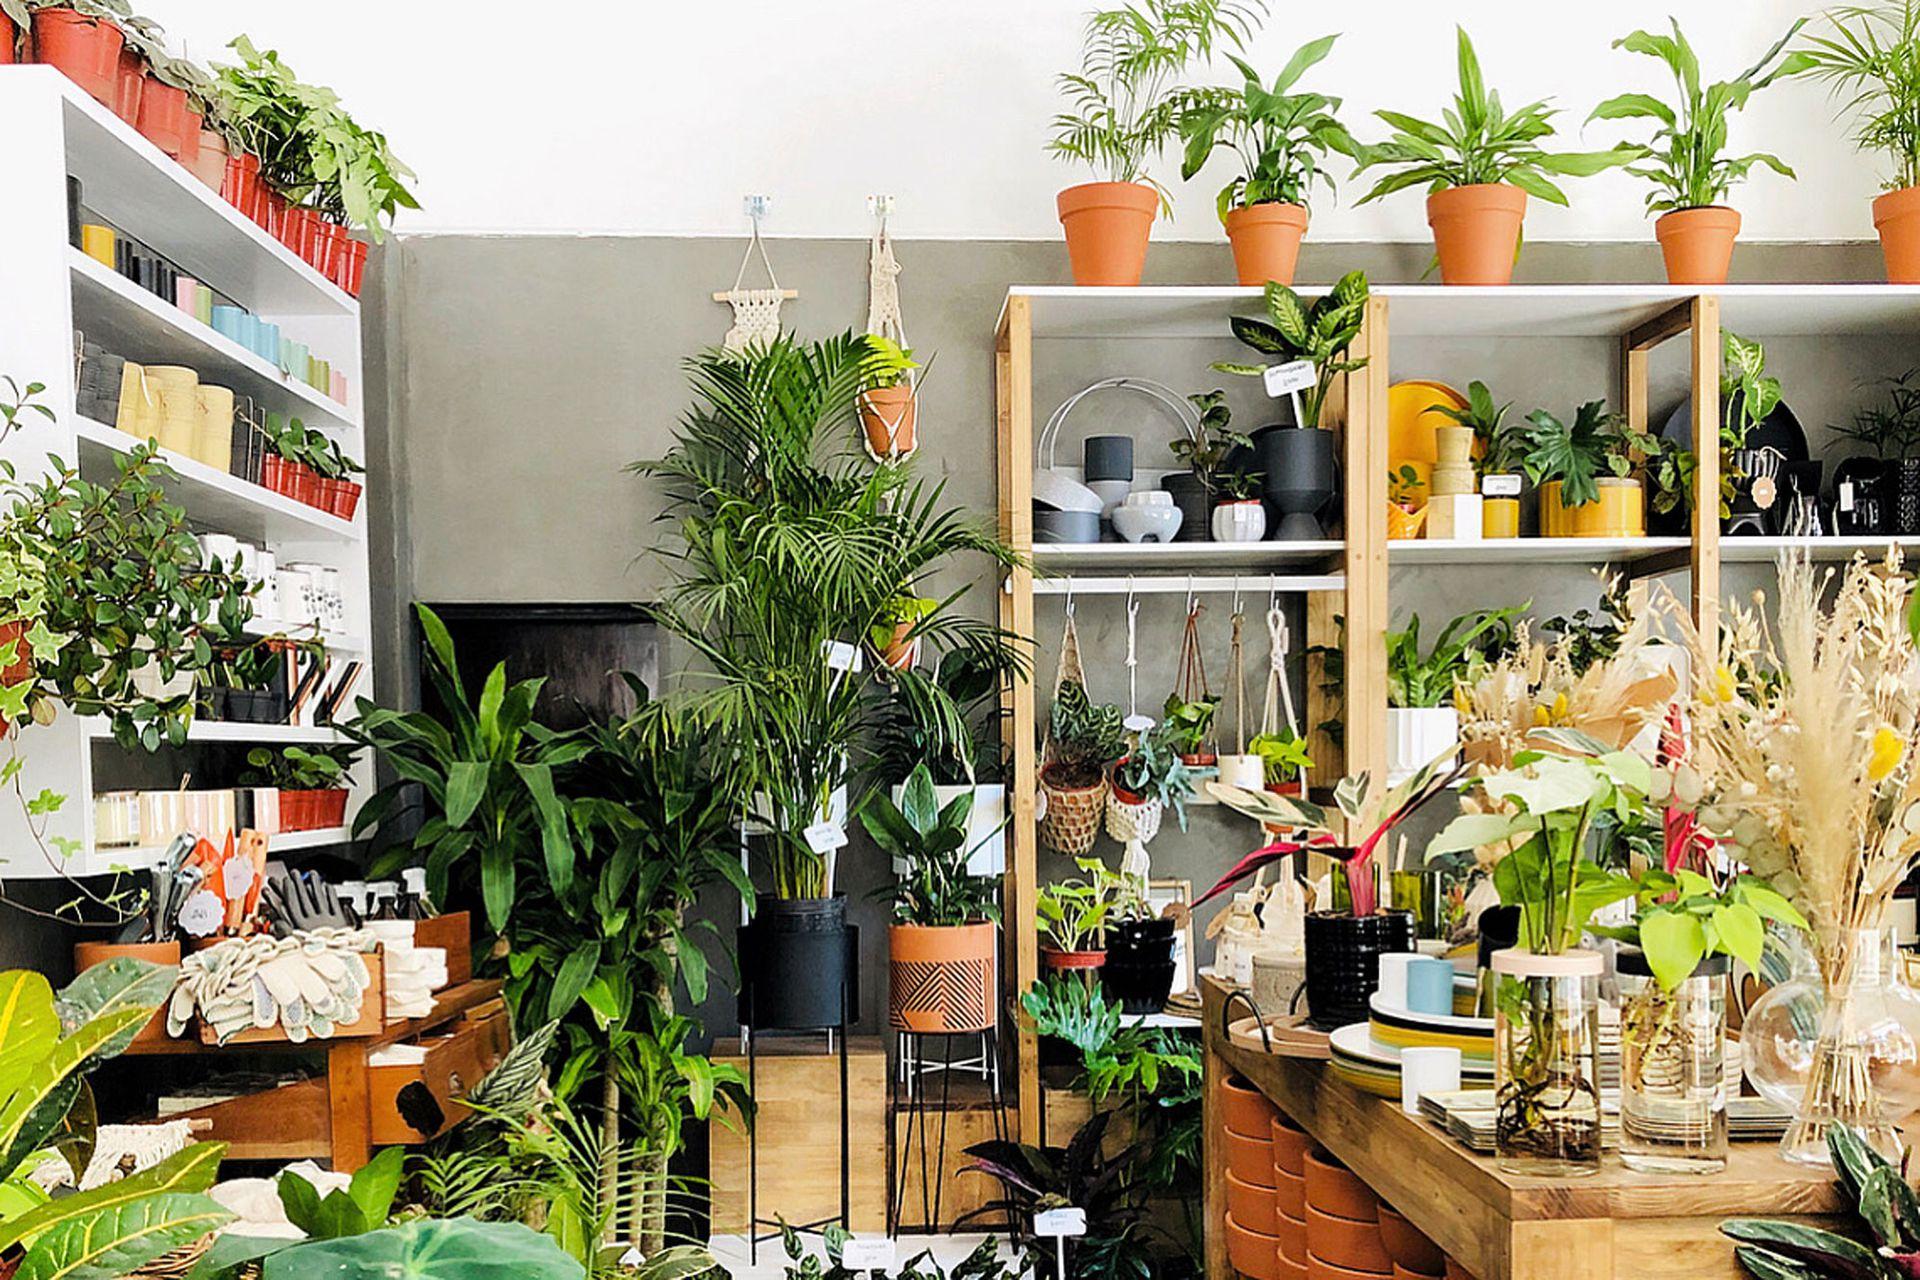 Atelier botánico, un vivero con productos cuidadosamente curados.